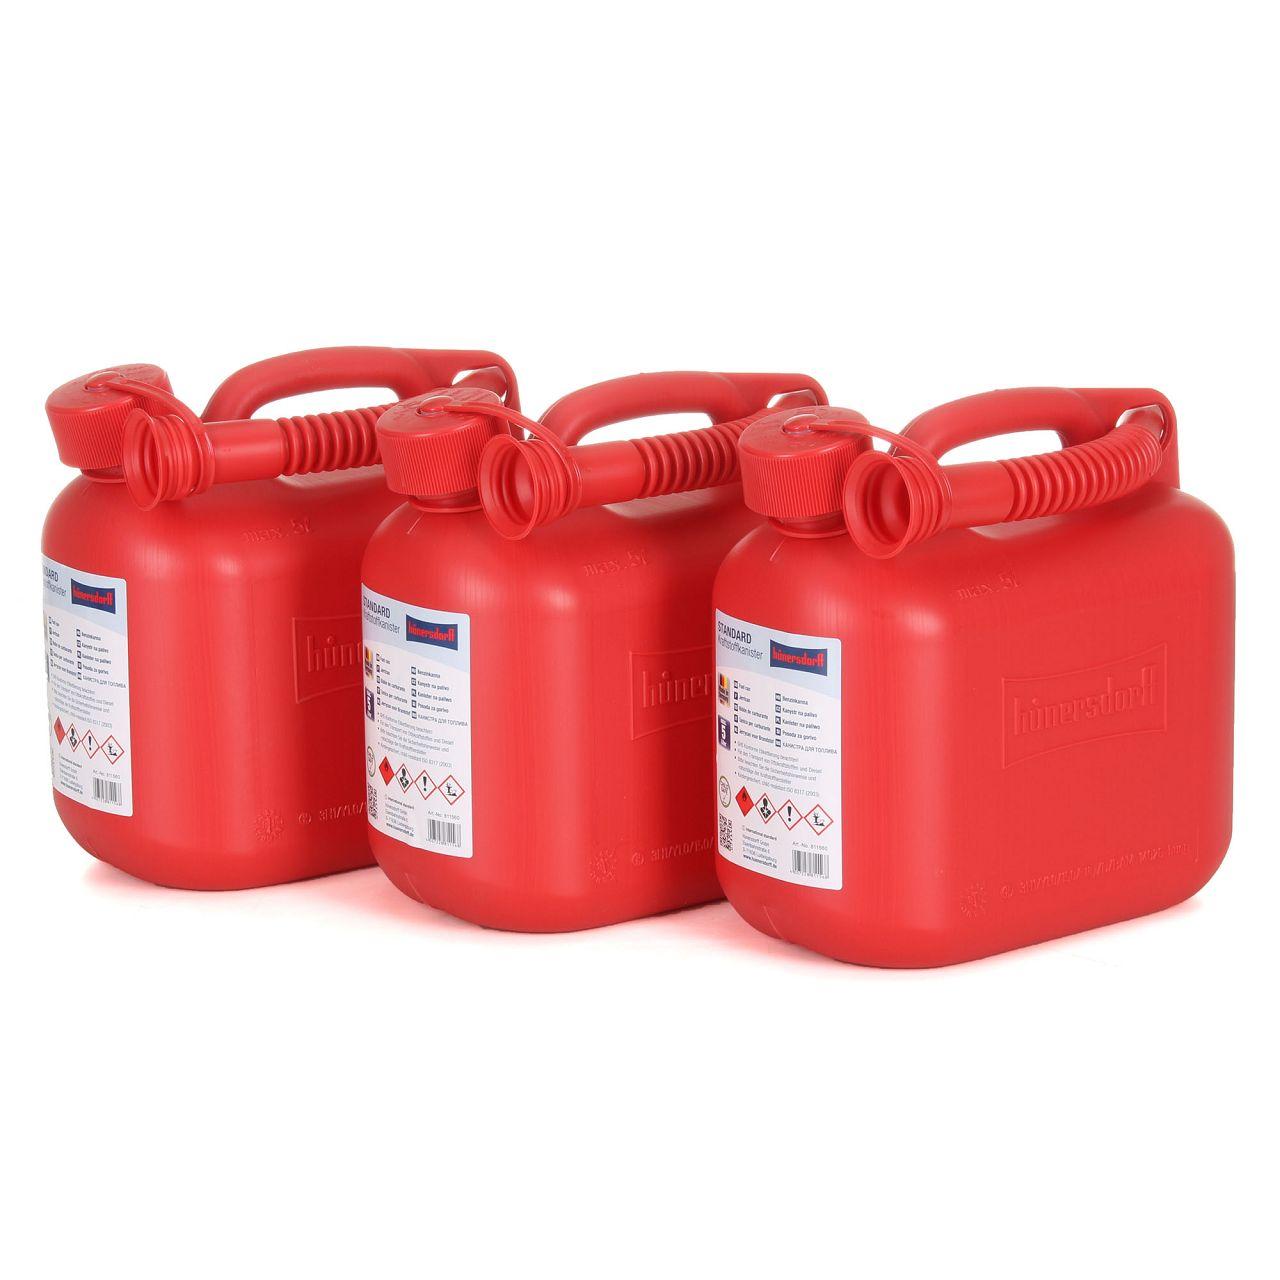 3x 5 L HÜNERSDORFF 811560 Kanister Benzinkanister Reservekanister Rot